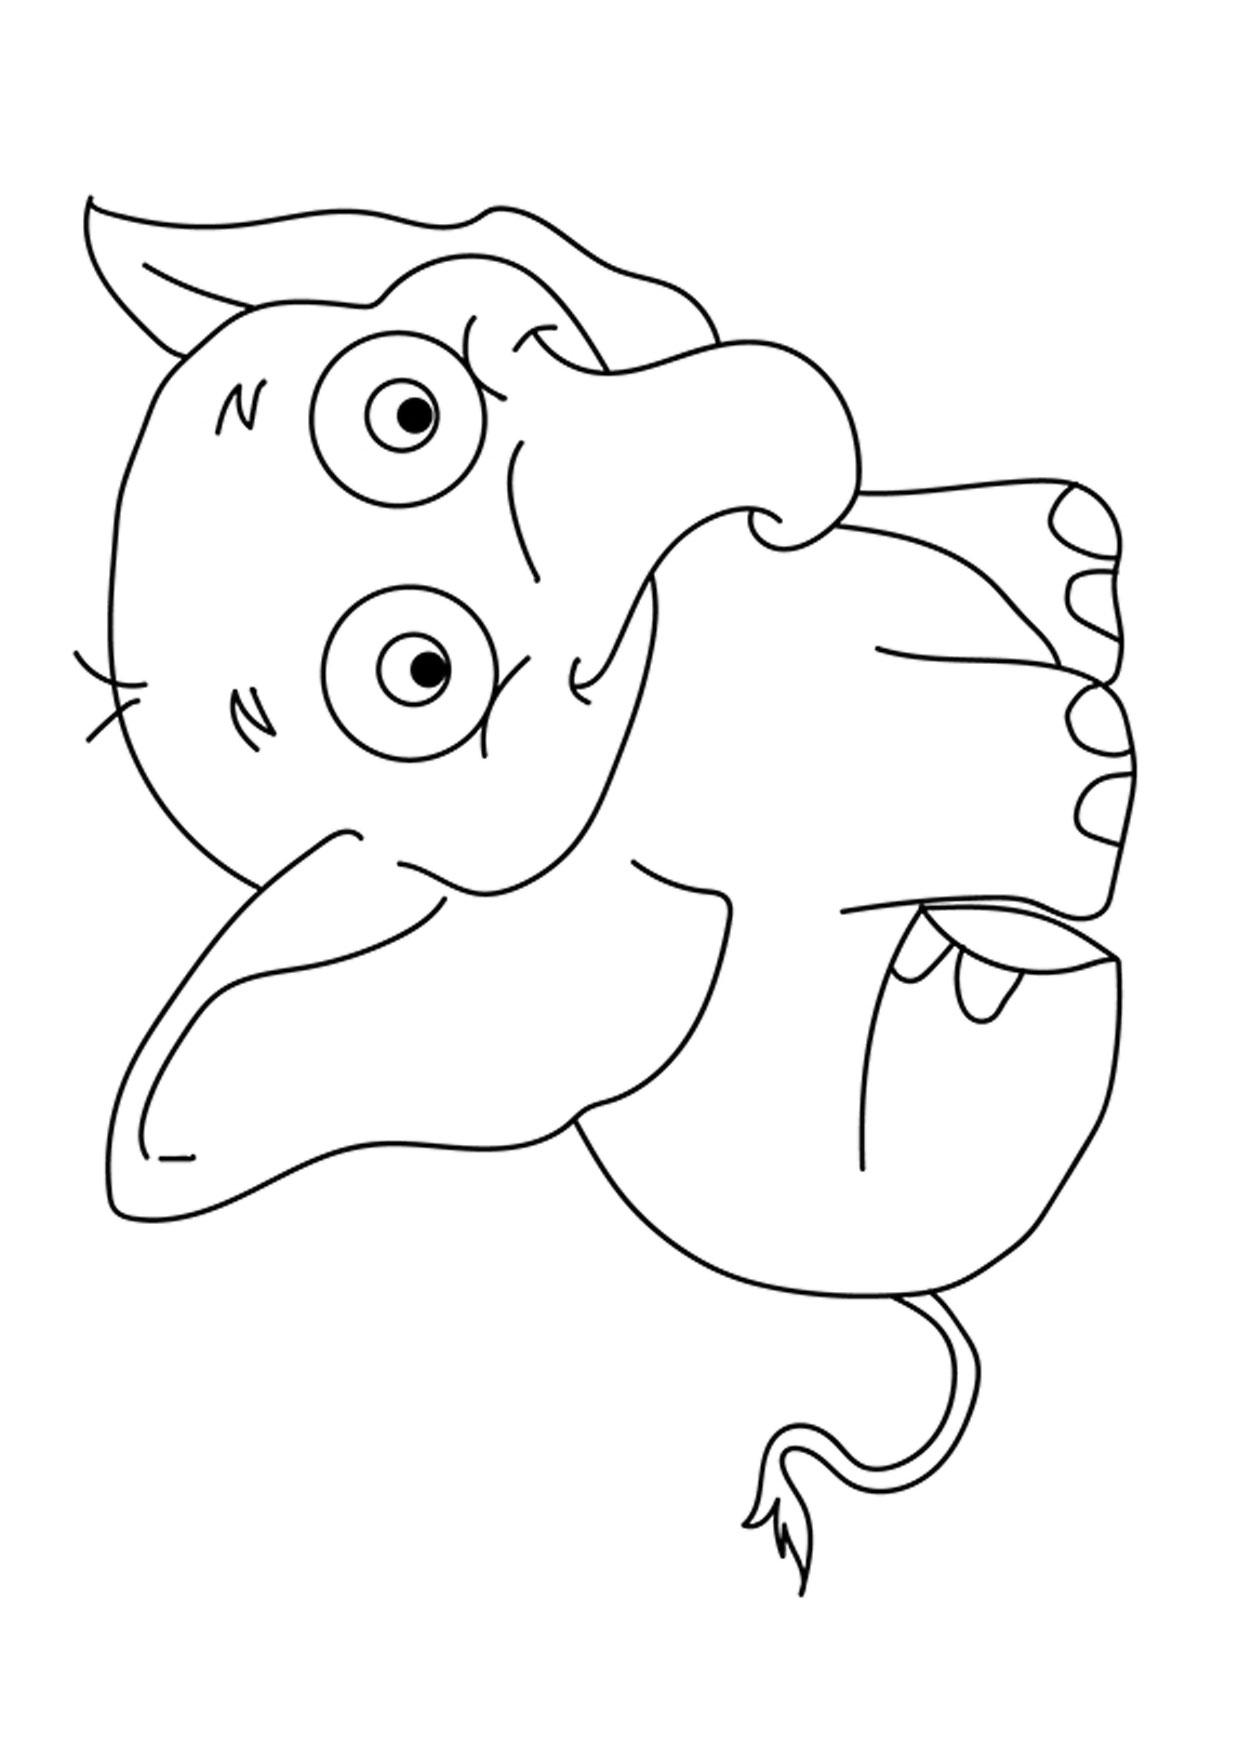 Disegno di Elefante Cartoon da colorare 05